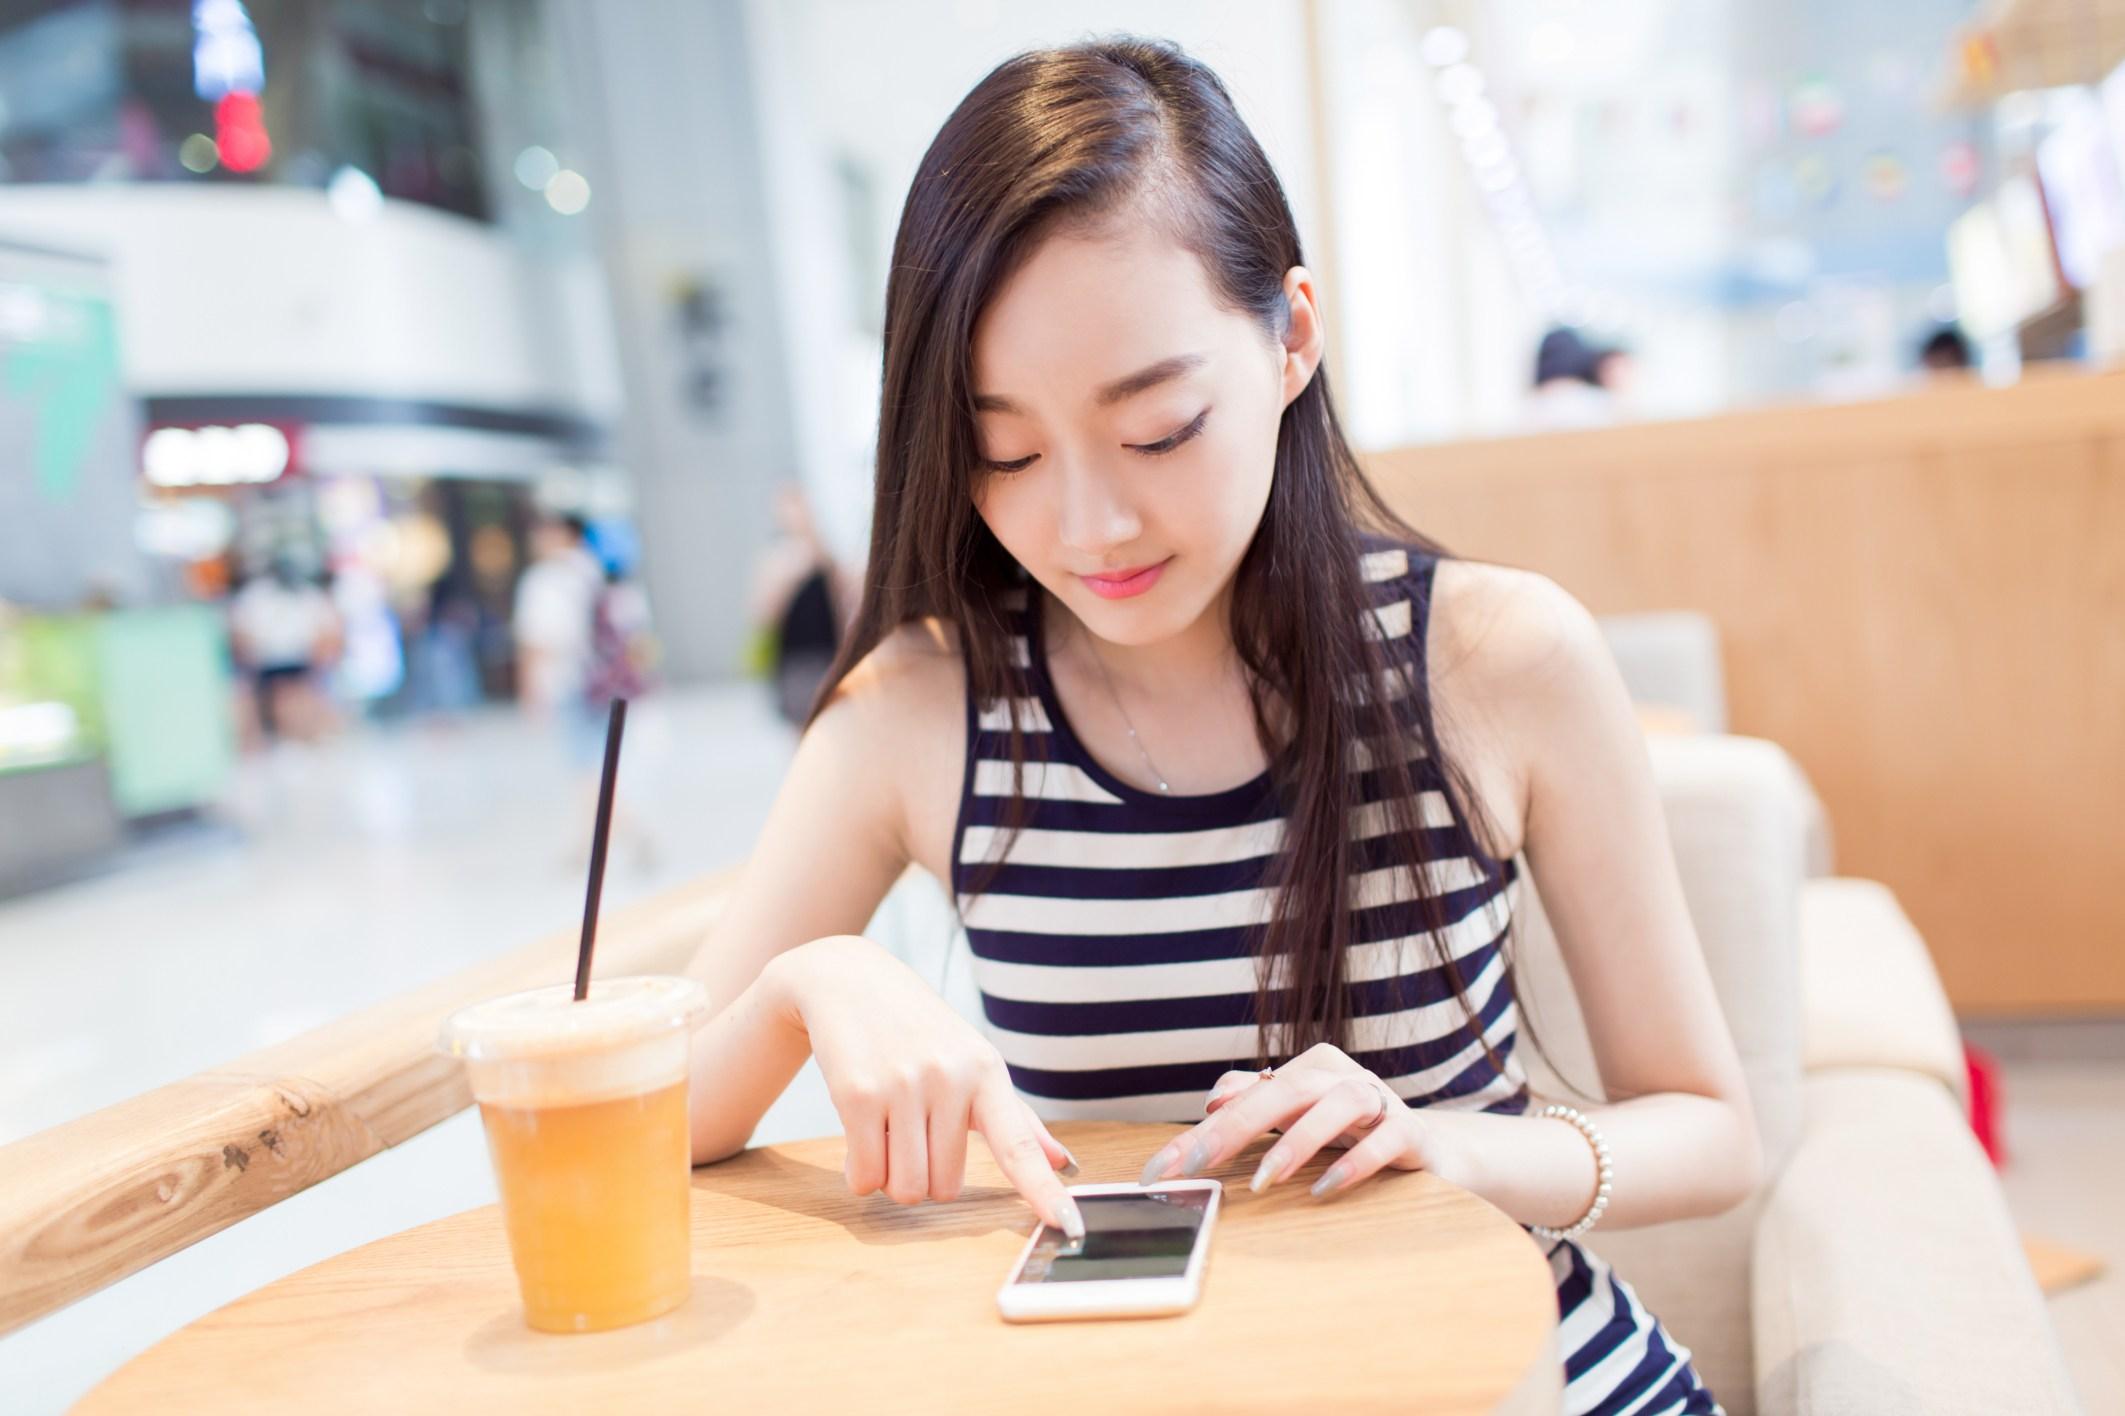 Мессенджер WeChat сфункцией распознавания лиц заменит китайцам паспорта